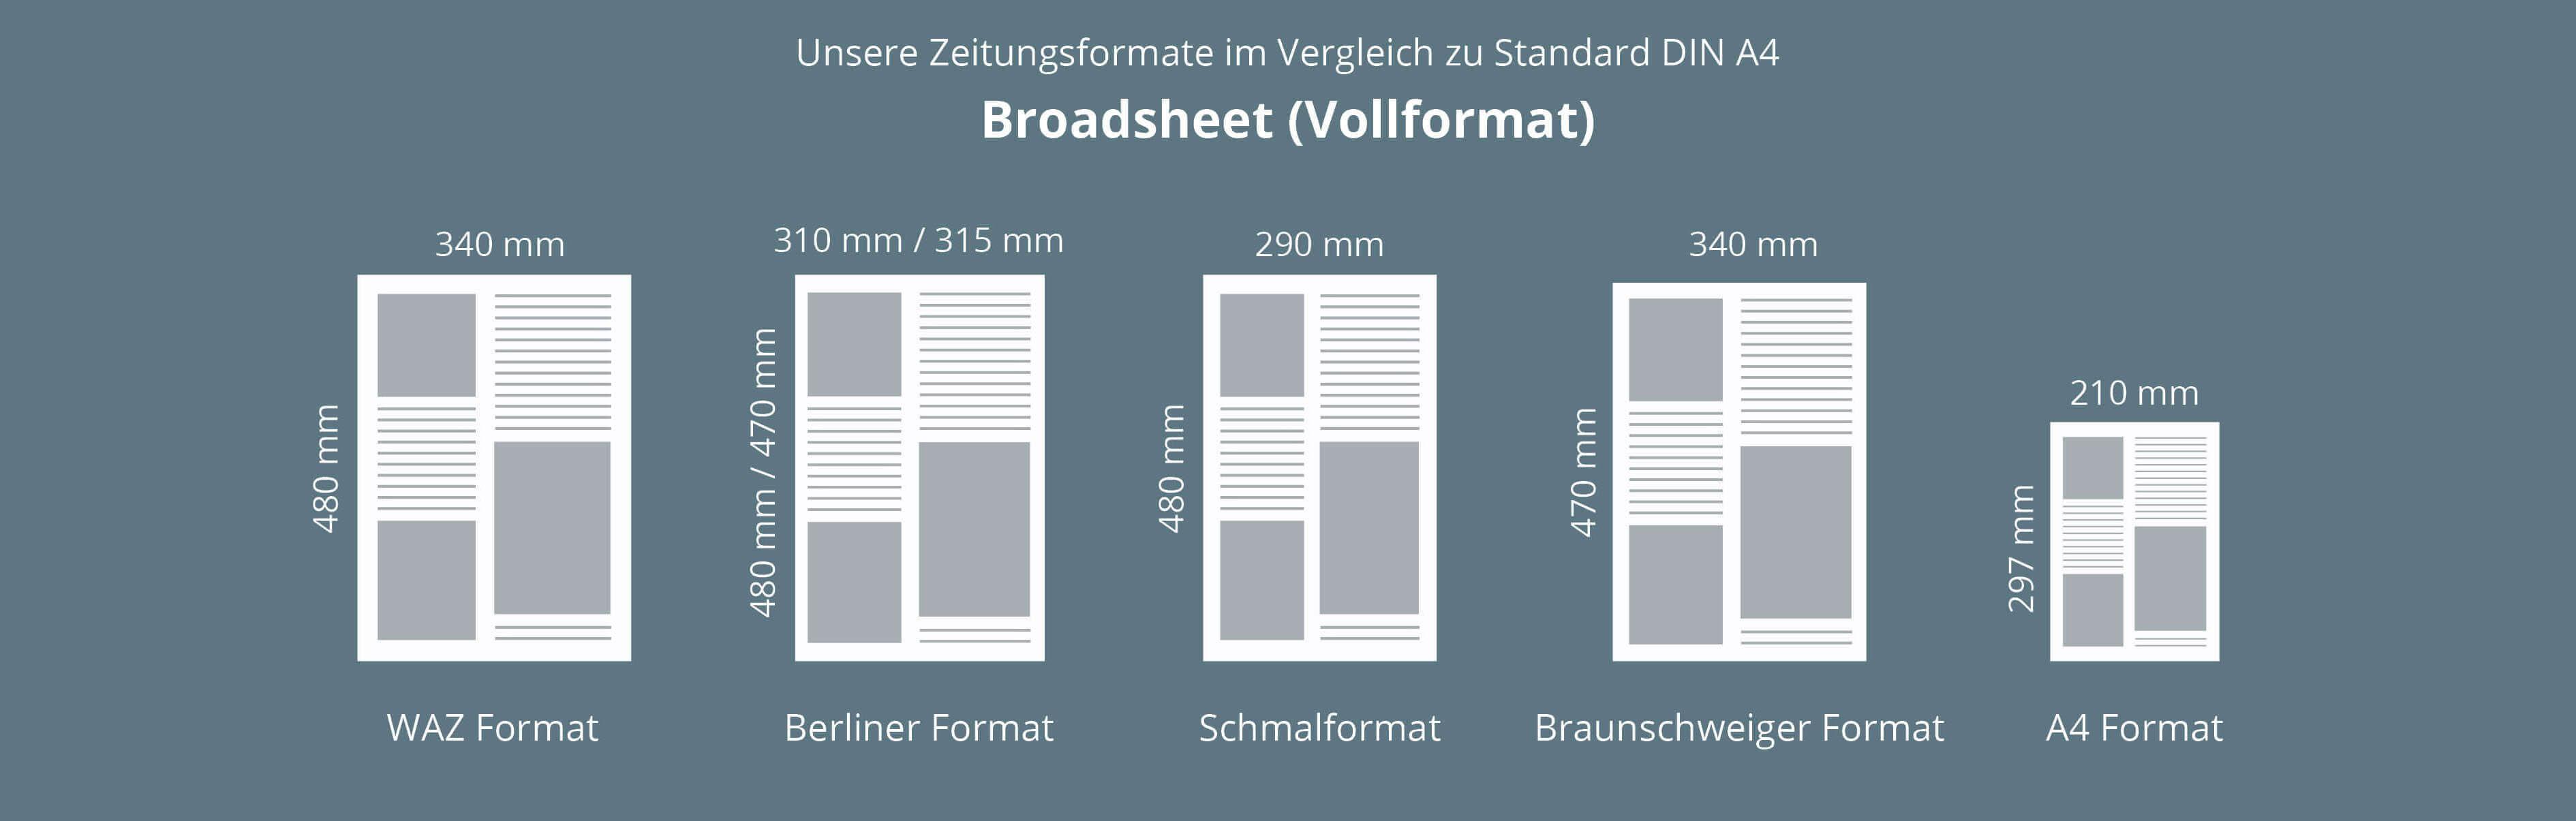 Klassische Broadsheet-Formate für Zeitungen im industriellen Offsetdruck